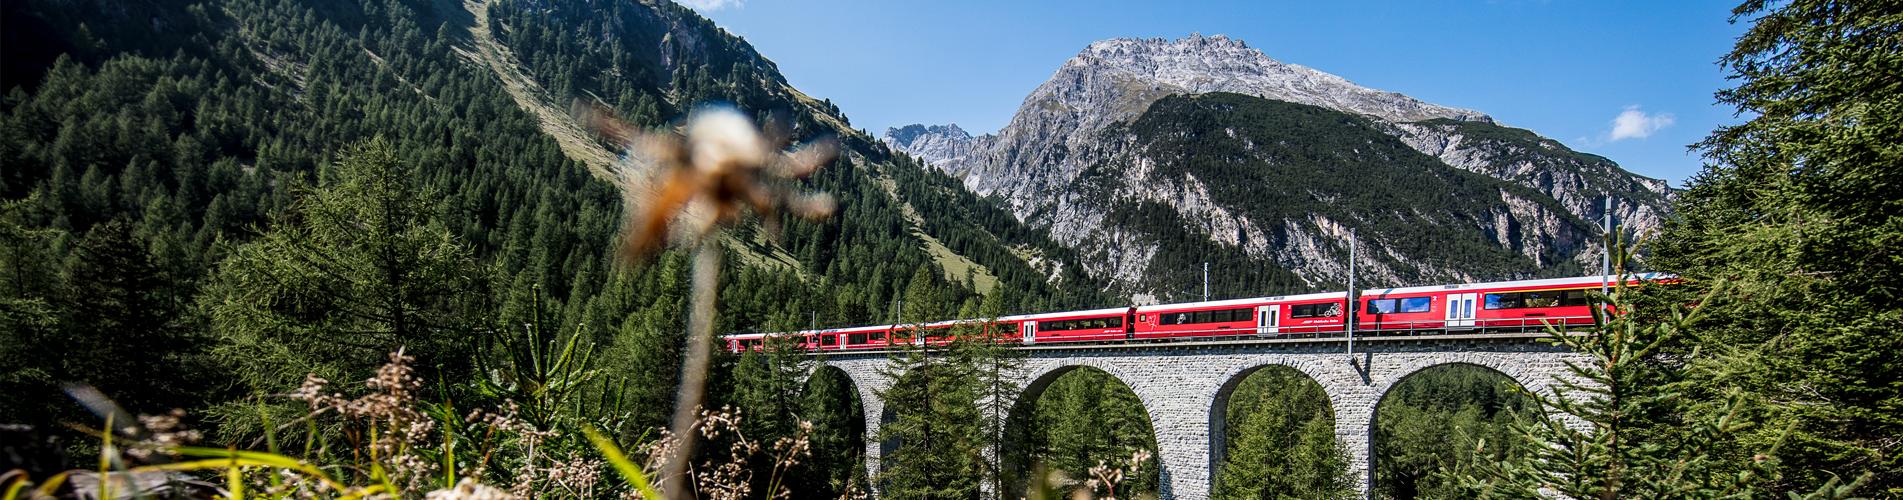 Wanderung auf dem Kultur- und Weitwanderweg Nr. 64 Via Sett von Thusis über den Septimerpass ins Bergell und nach Chiavenna, Italien